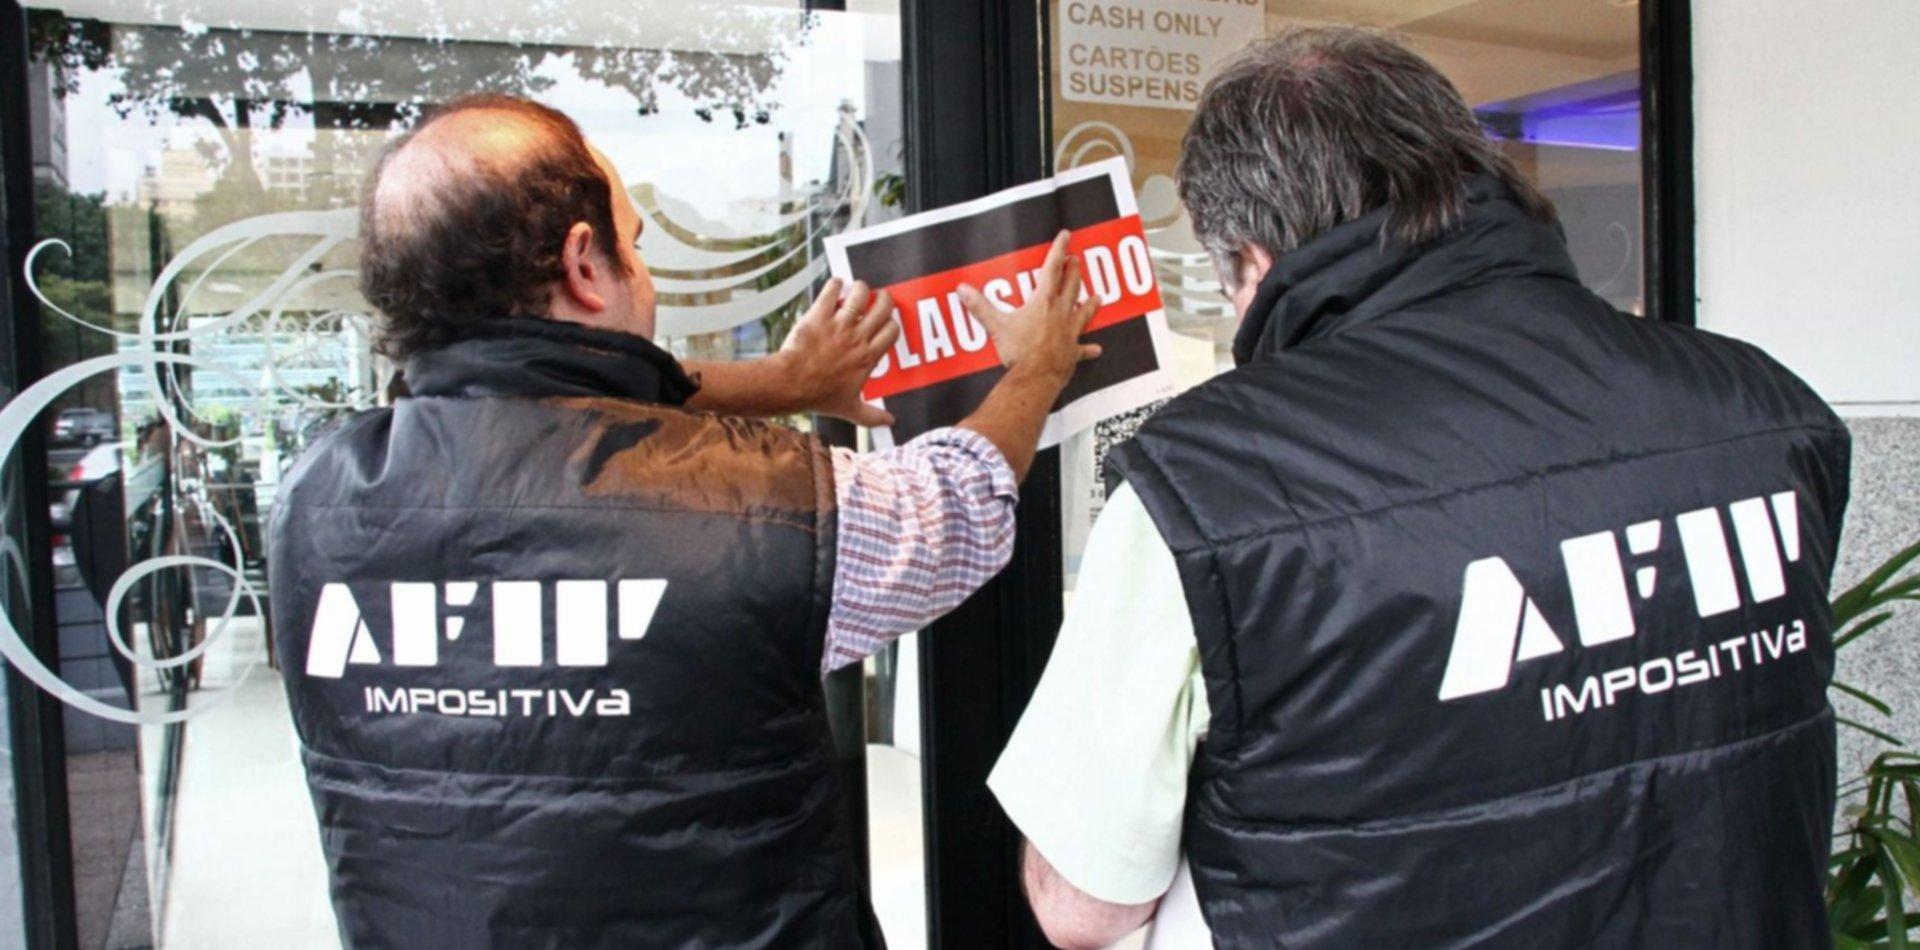 AFIP prepara una embestida digital contra el trabajo en negro en La Plata y la región